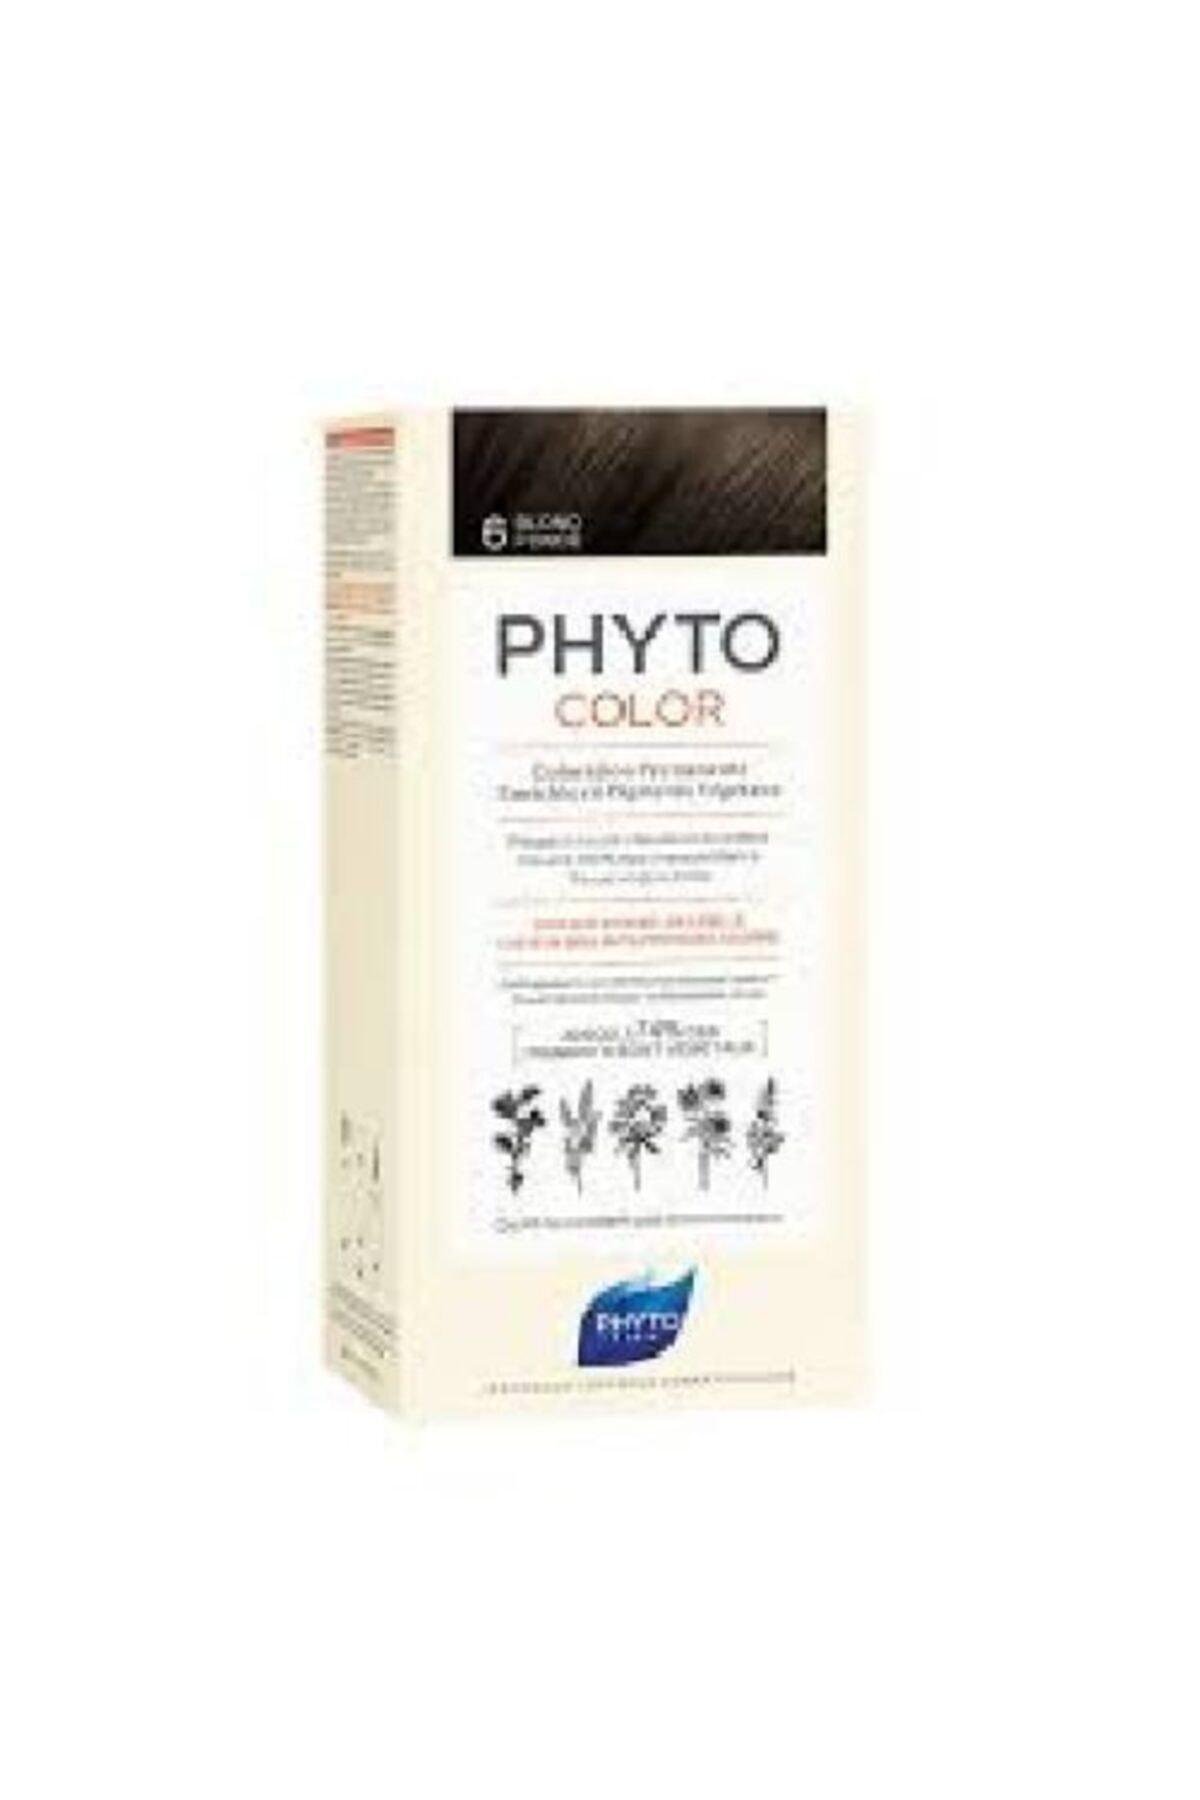 Phyto Color 6 Koyu Kumral Temel Tonlar 1